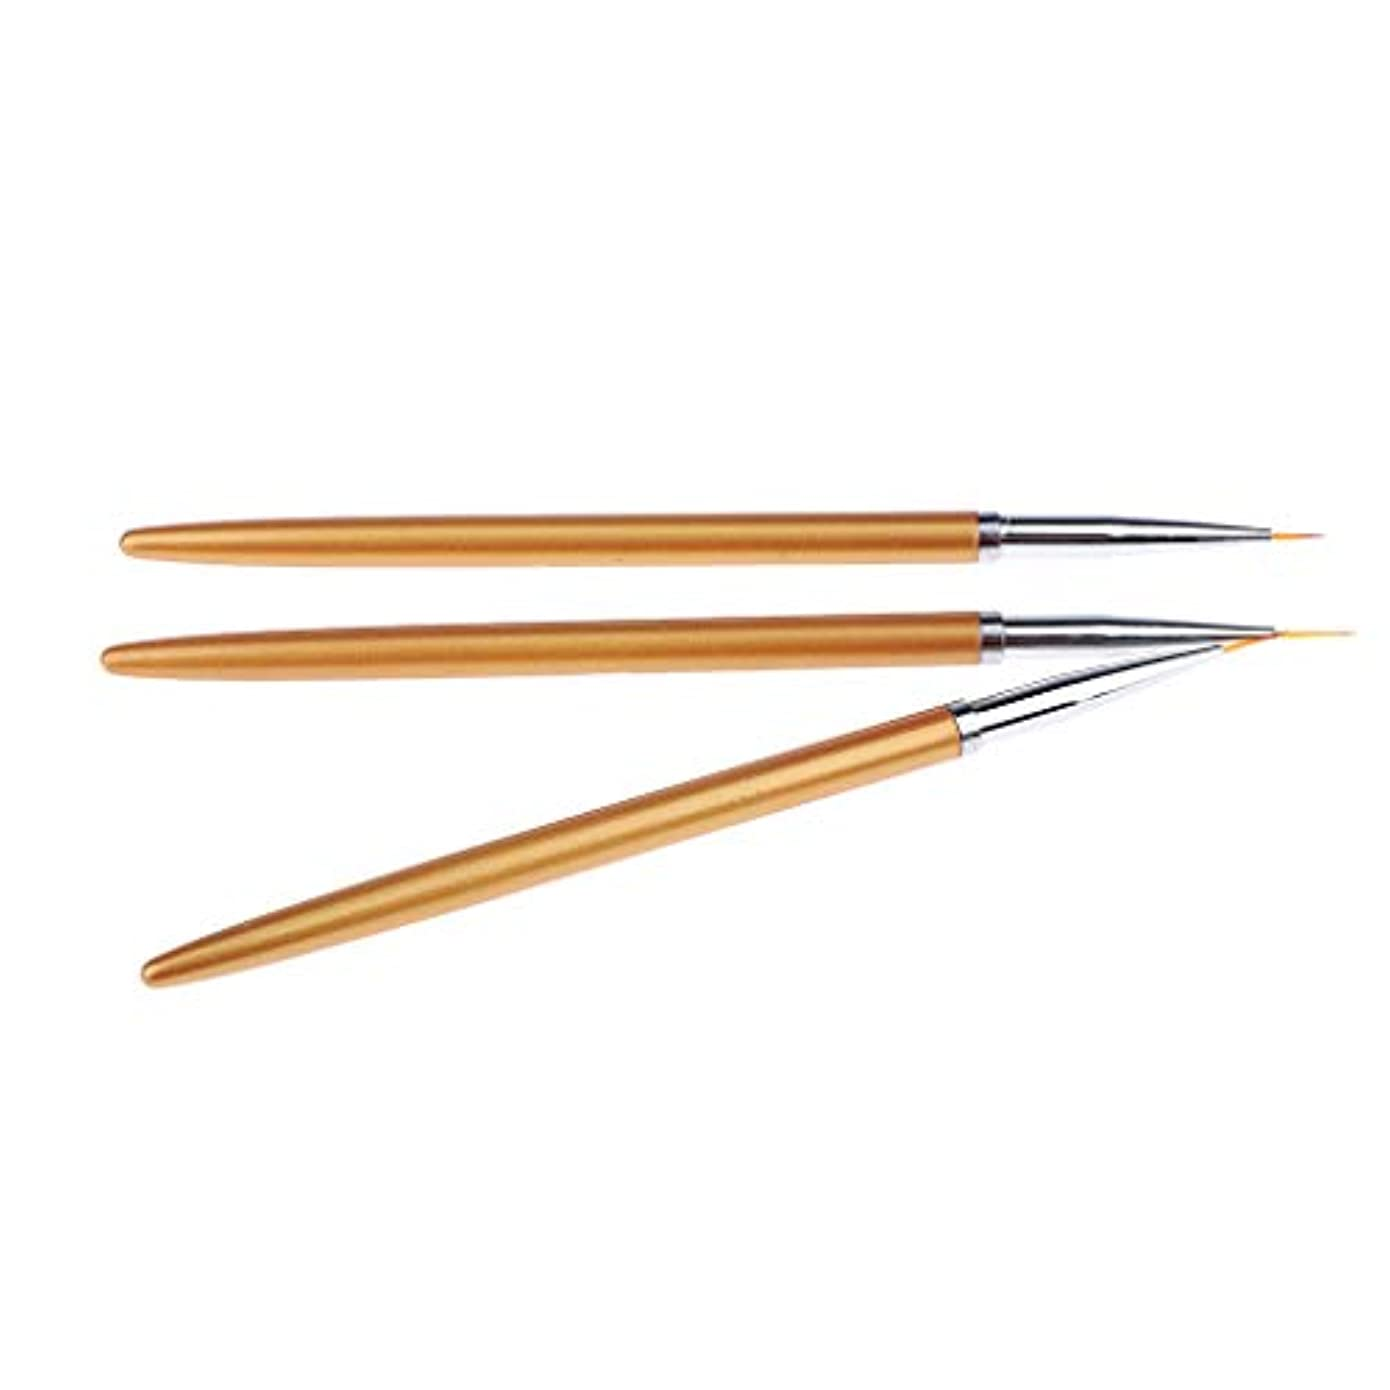 苦行ピットエロチックSM SunniMix ネイルアートブラシ 絵画ペン プラスチック ネイルアートペンブラシセット 3本